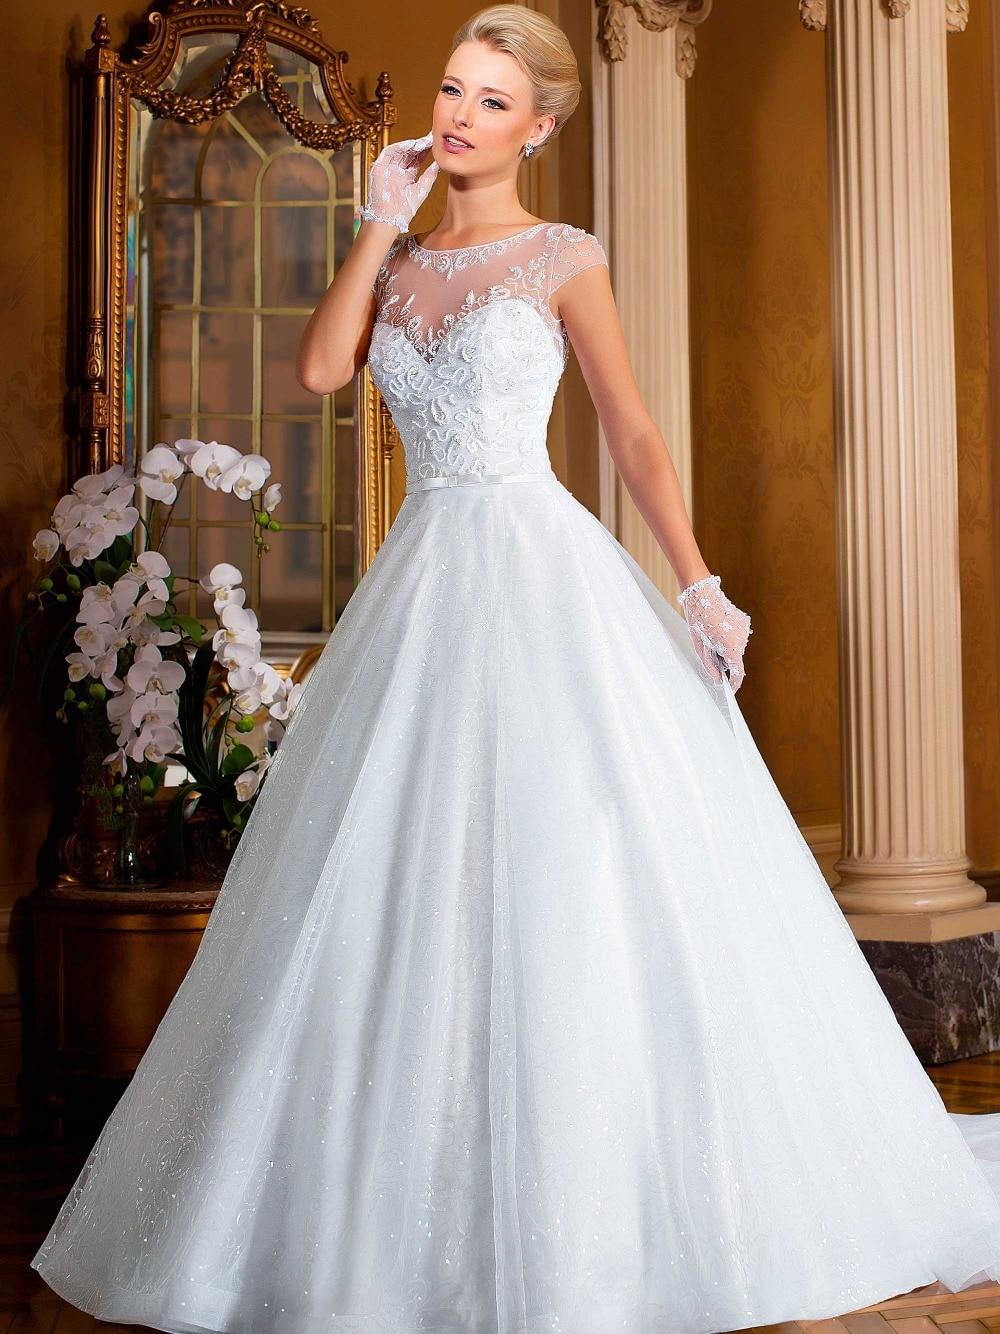 White gauze back style Sweet style wedding dress Manual nail bead sparkle wedding dress 2015